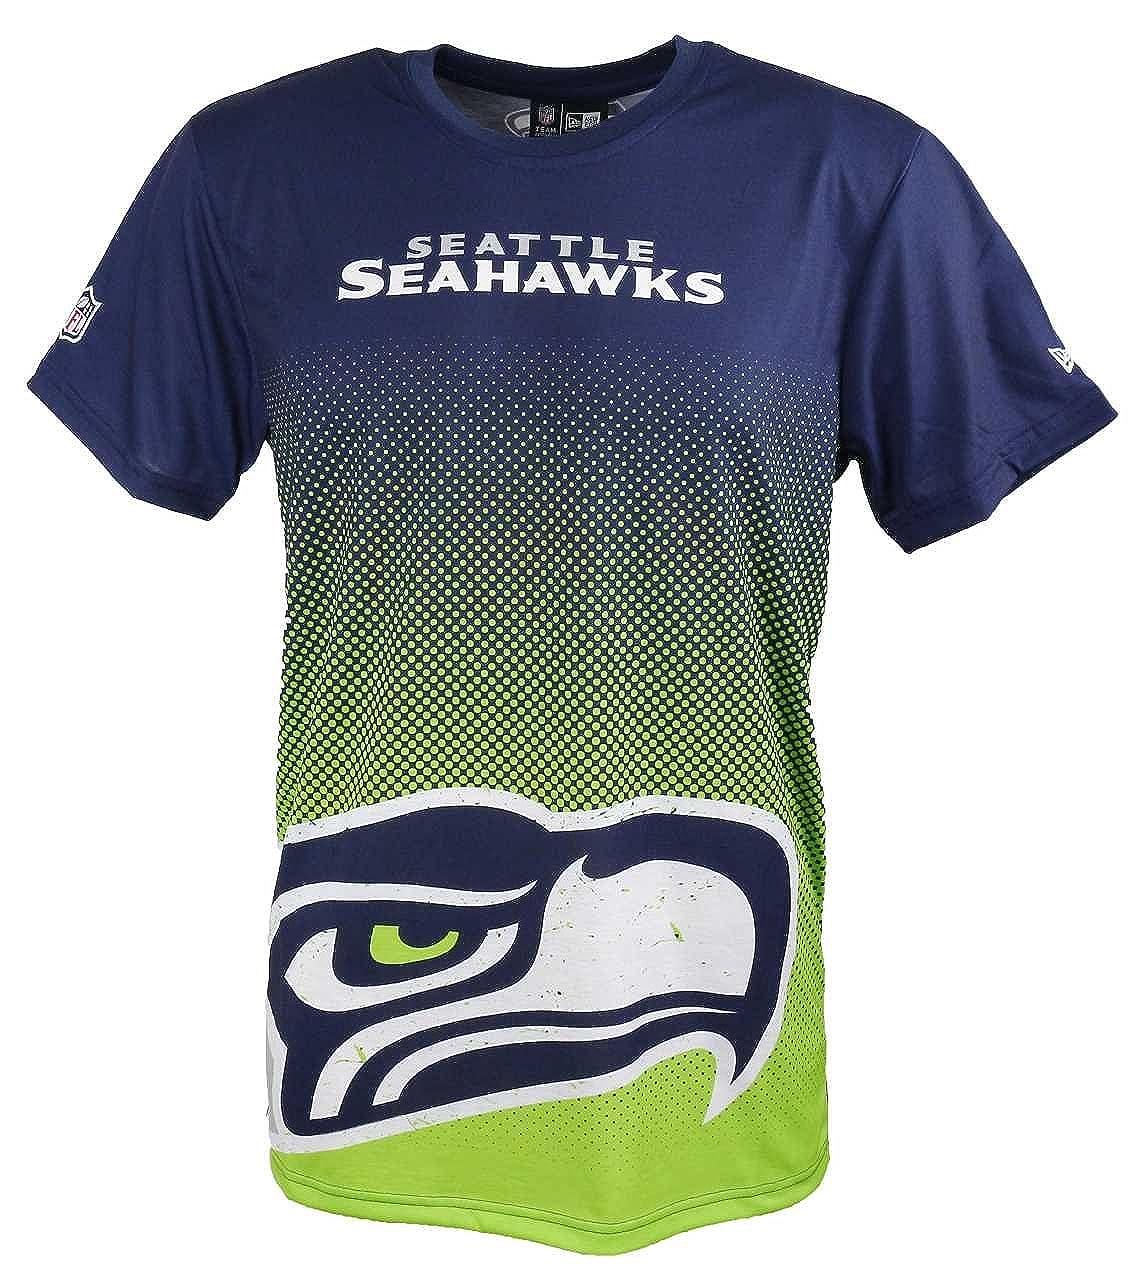 New Era T-Shirt der Seattle Seahakws Modell NFL Gradient mit Besonderem Farbverlauf für Damen und Herren